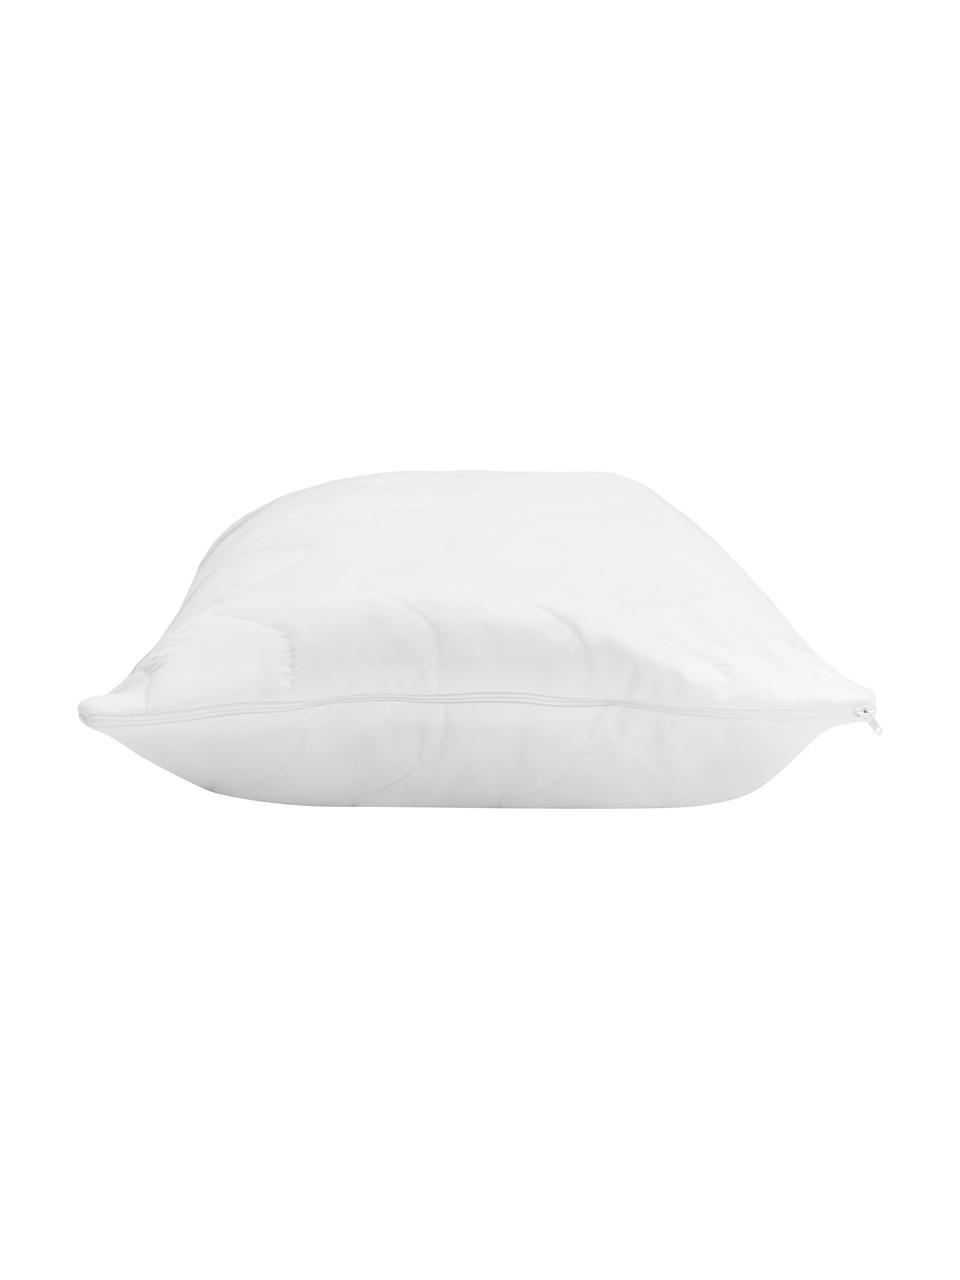 Premium Kissen-Inlett Sia, 40x60, Microfaser-Füllung, Hülle: 100% Polyester, wattiert, Weiß, 40 x 60 cm